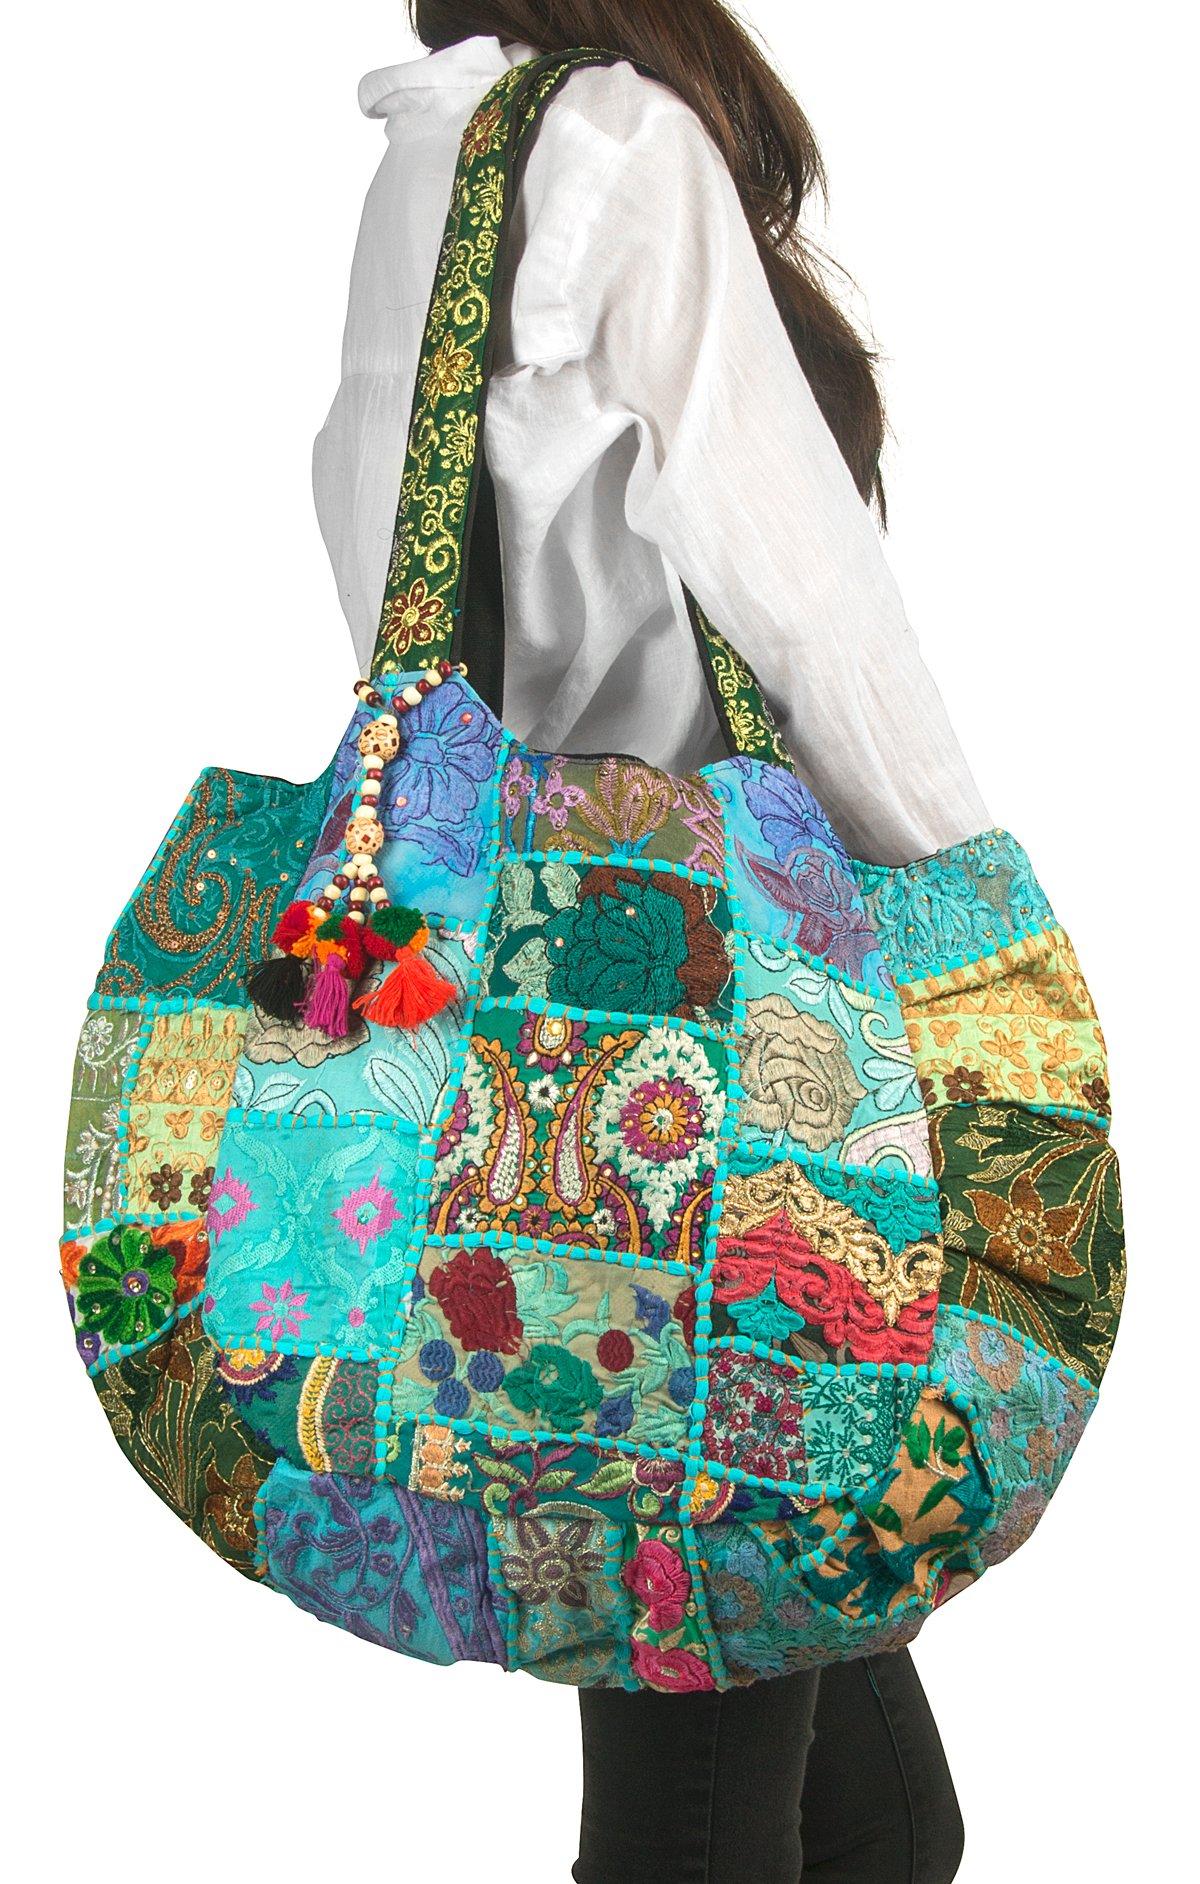 TribeAzure Large Oversize Blue Canvas Shoulder Bag Handbag Unique Tote Quilt Vintage Beach Travel Summer